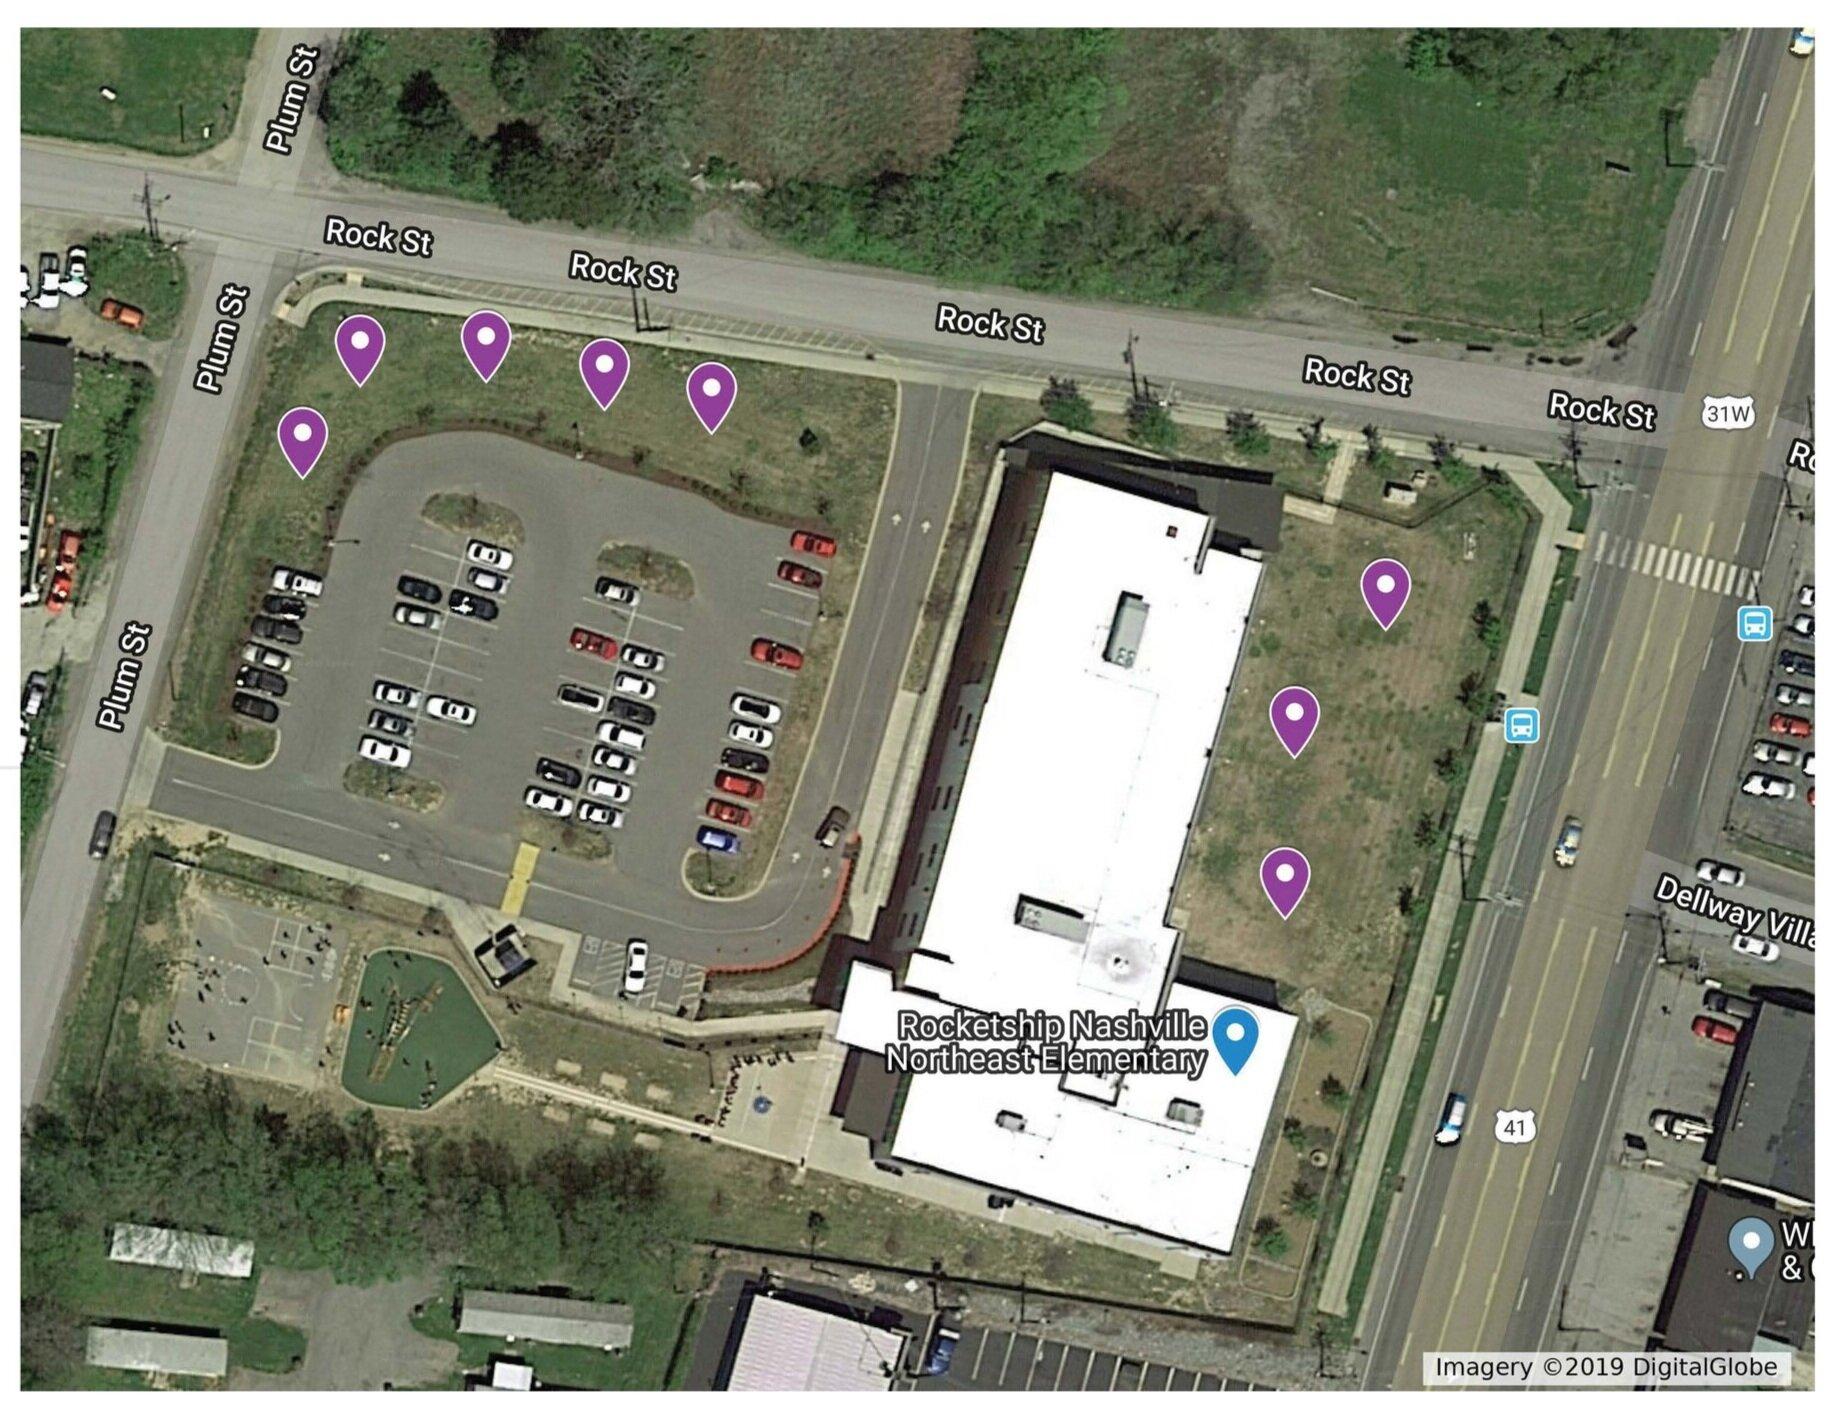 Rocketship Northeast Nashville Elementary